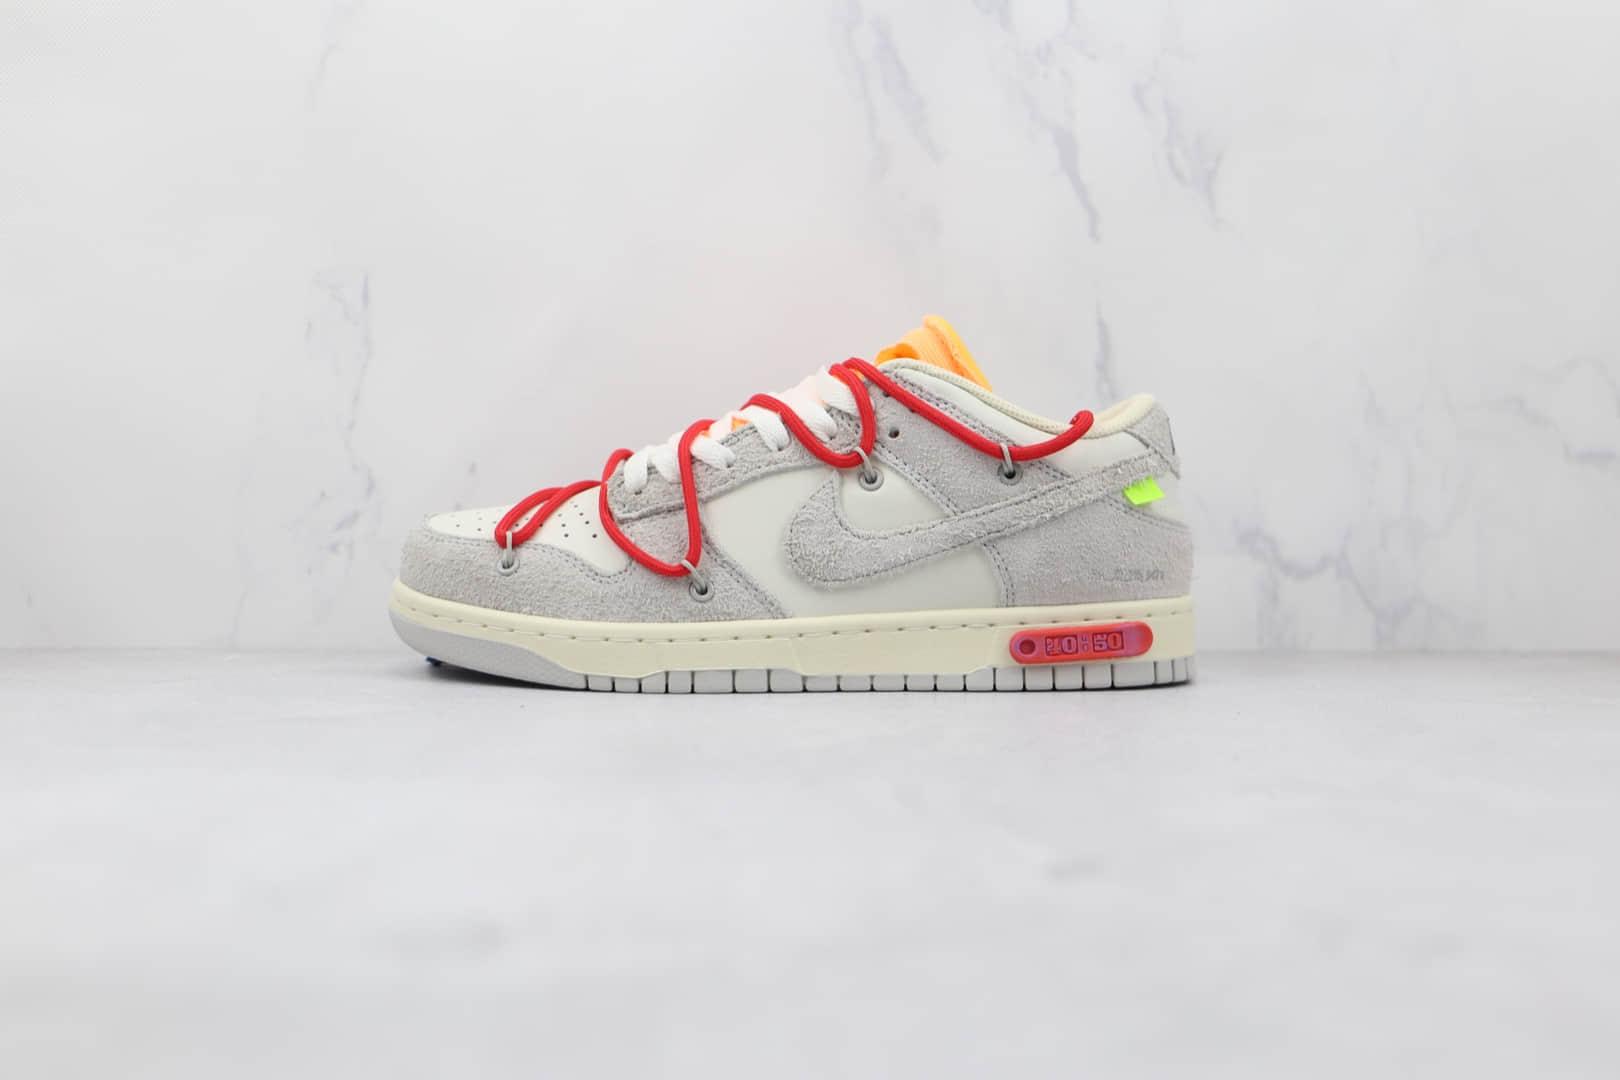 耐克Nike Dunk Low'50' x Off White联名款纯原版本低帮麂皮灰白红色红标板鞋原鞋开模一比一打造 货号:DJ0950-103